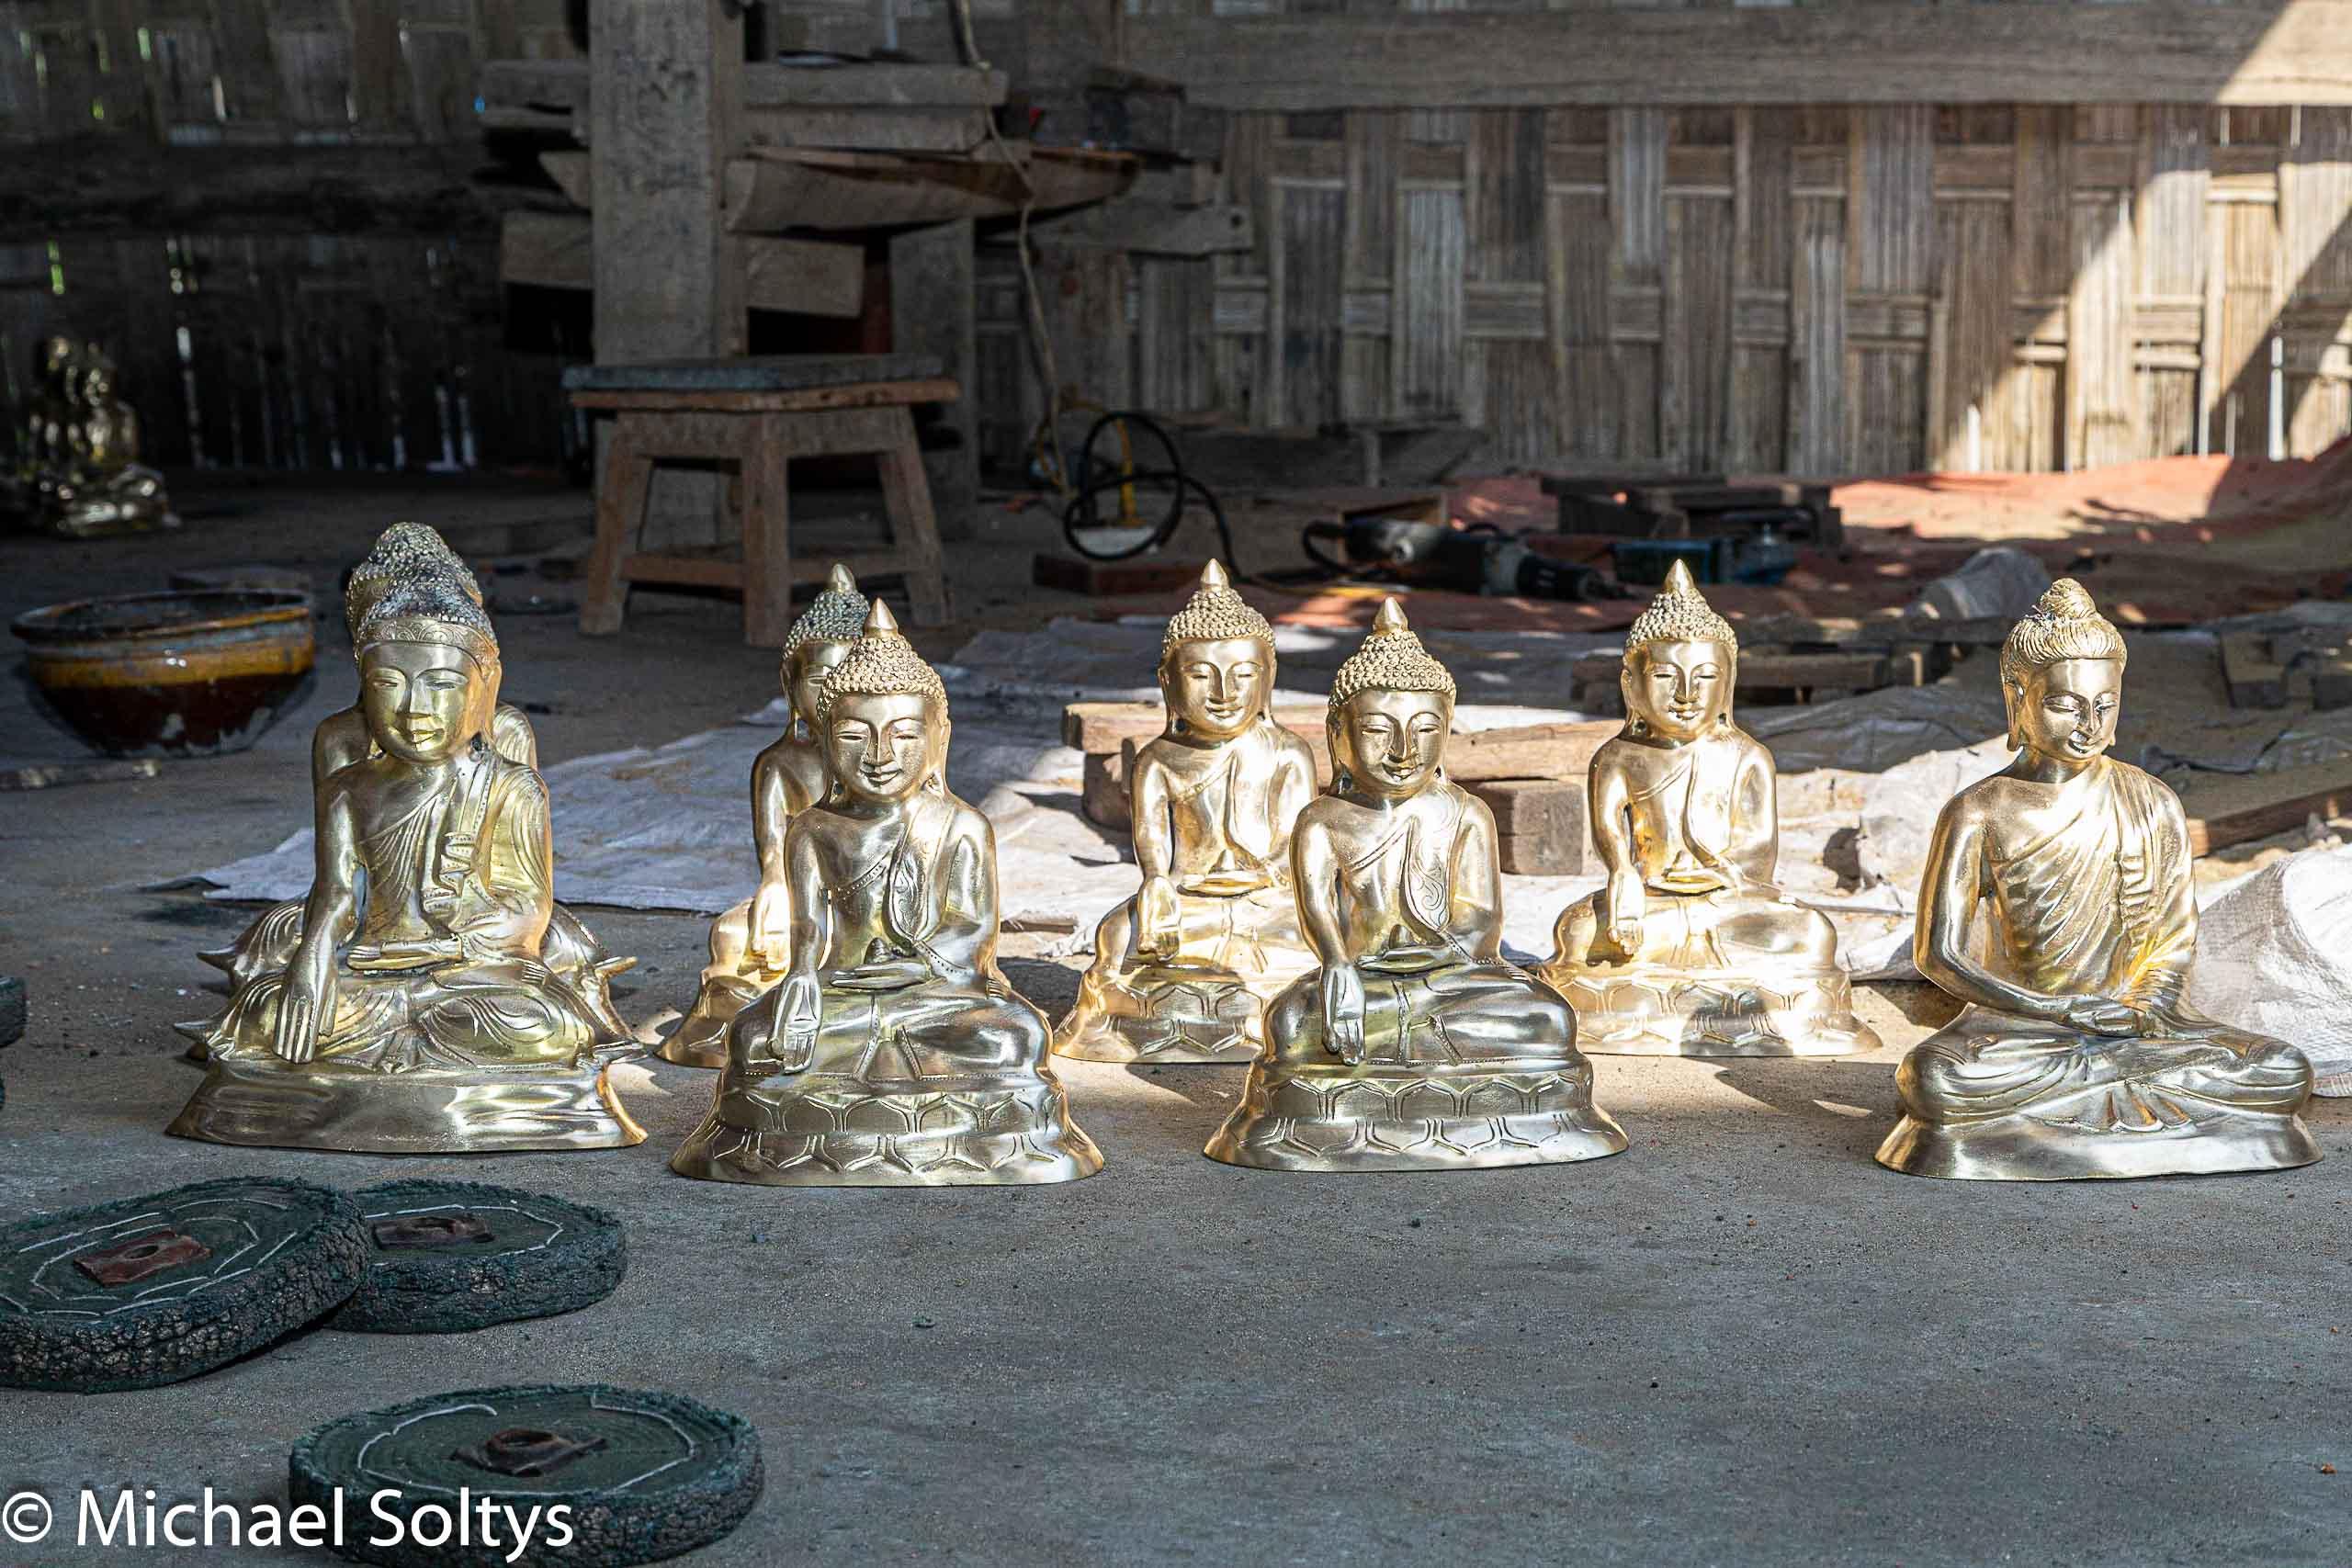 Die kleinen Buddhas werden an Souvernirläden verkauft.